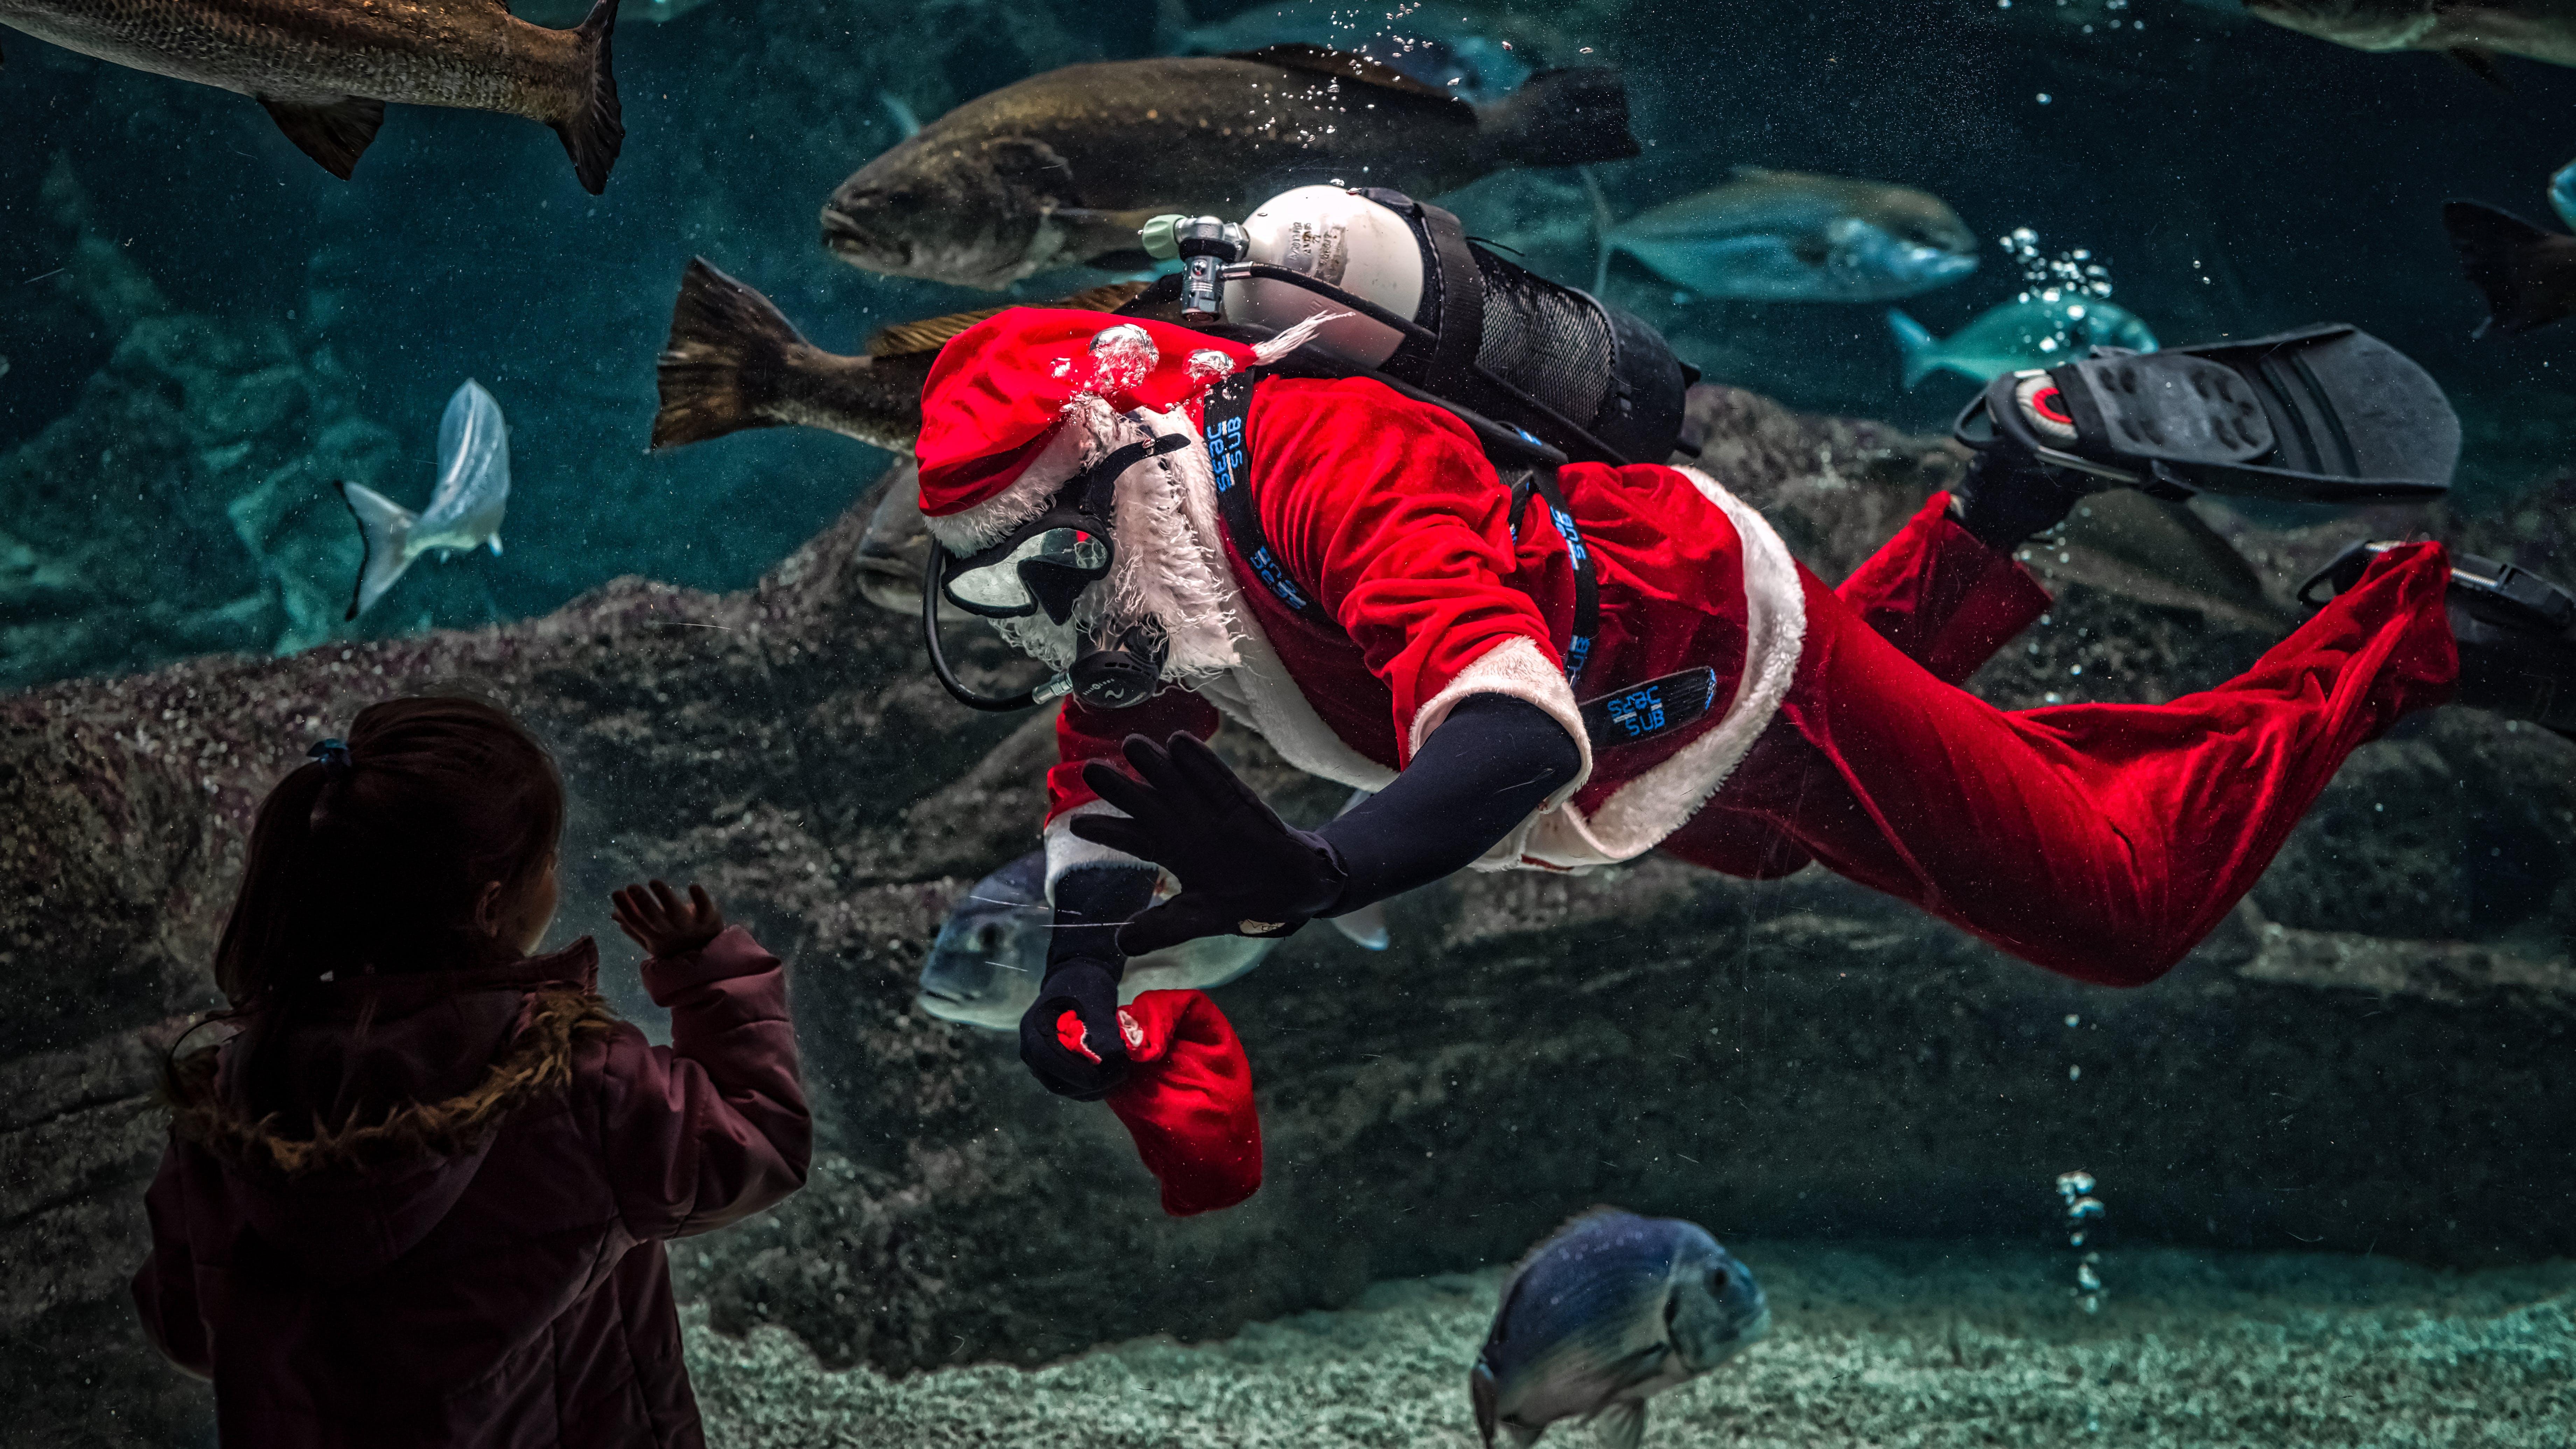 Man in Santa Claus Costume With Diving Gear Inside Aquarium